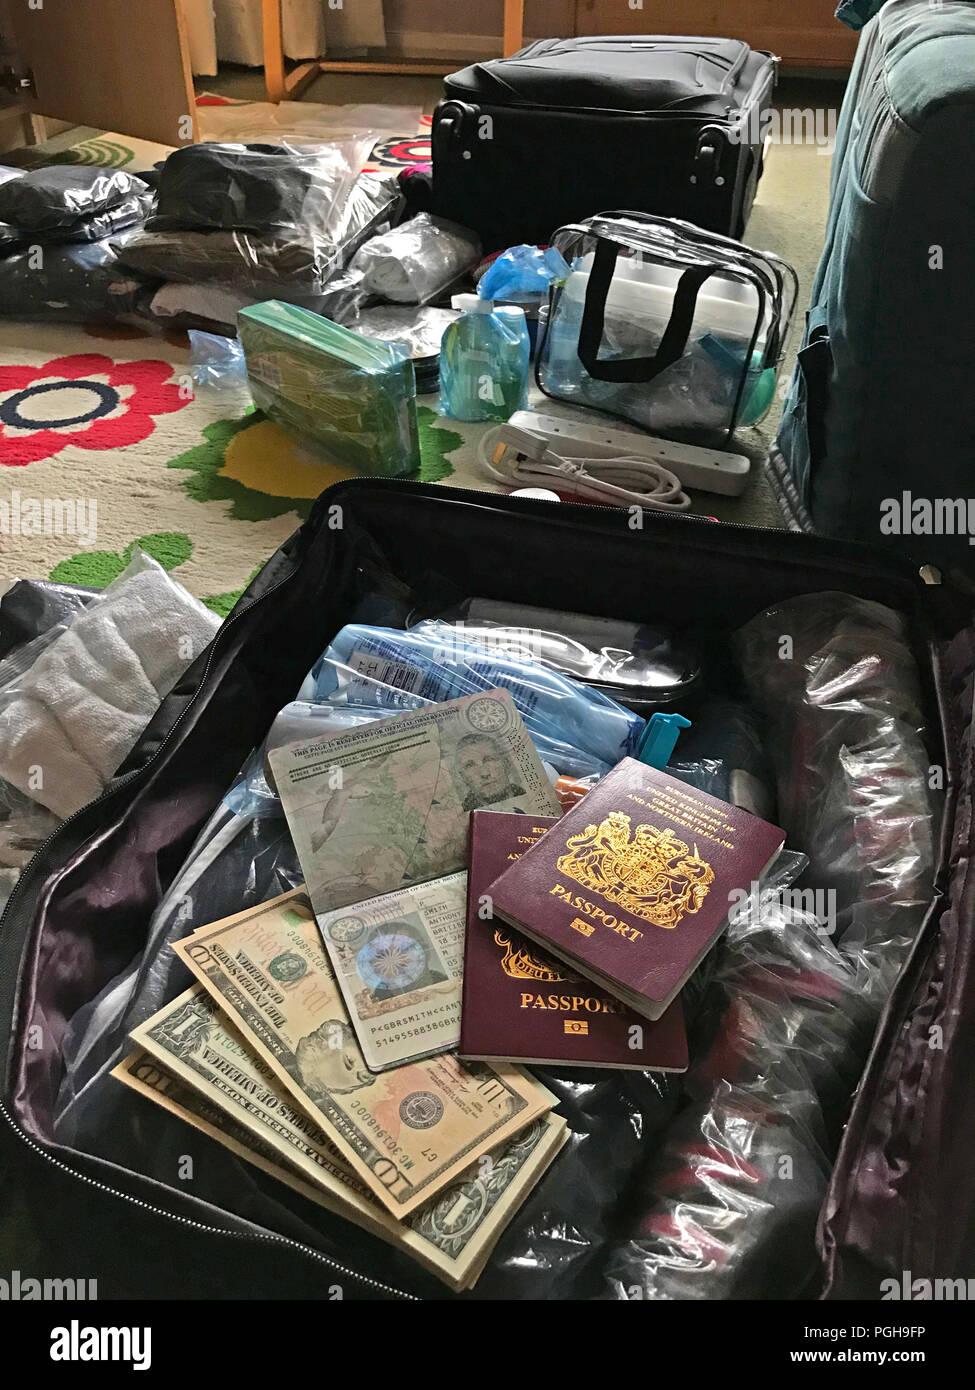 GoTonySmith,@HotpixUK,Packing,packed